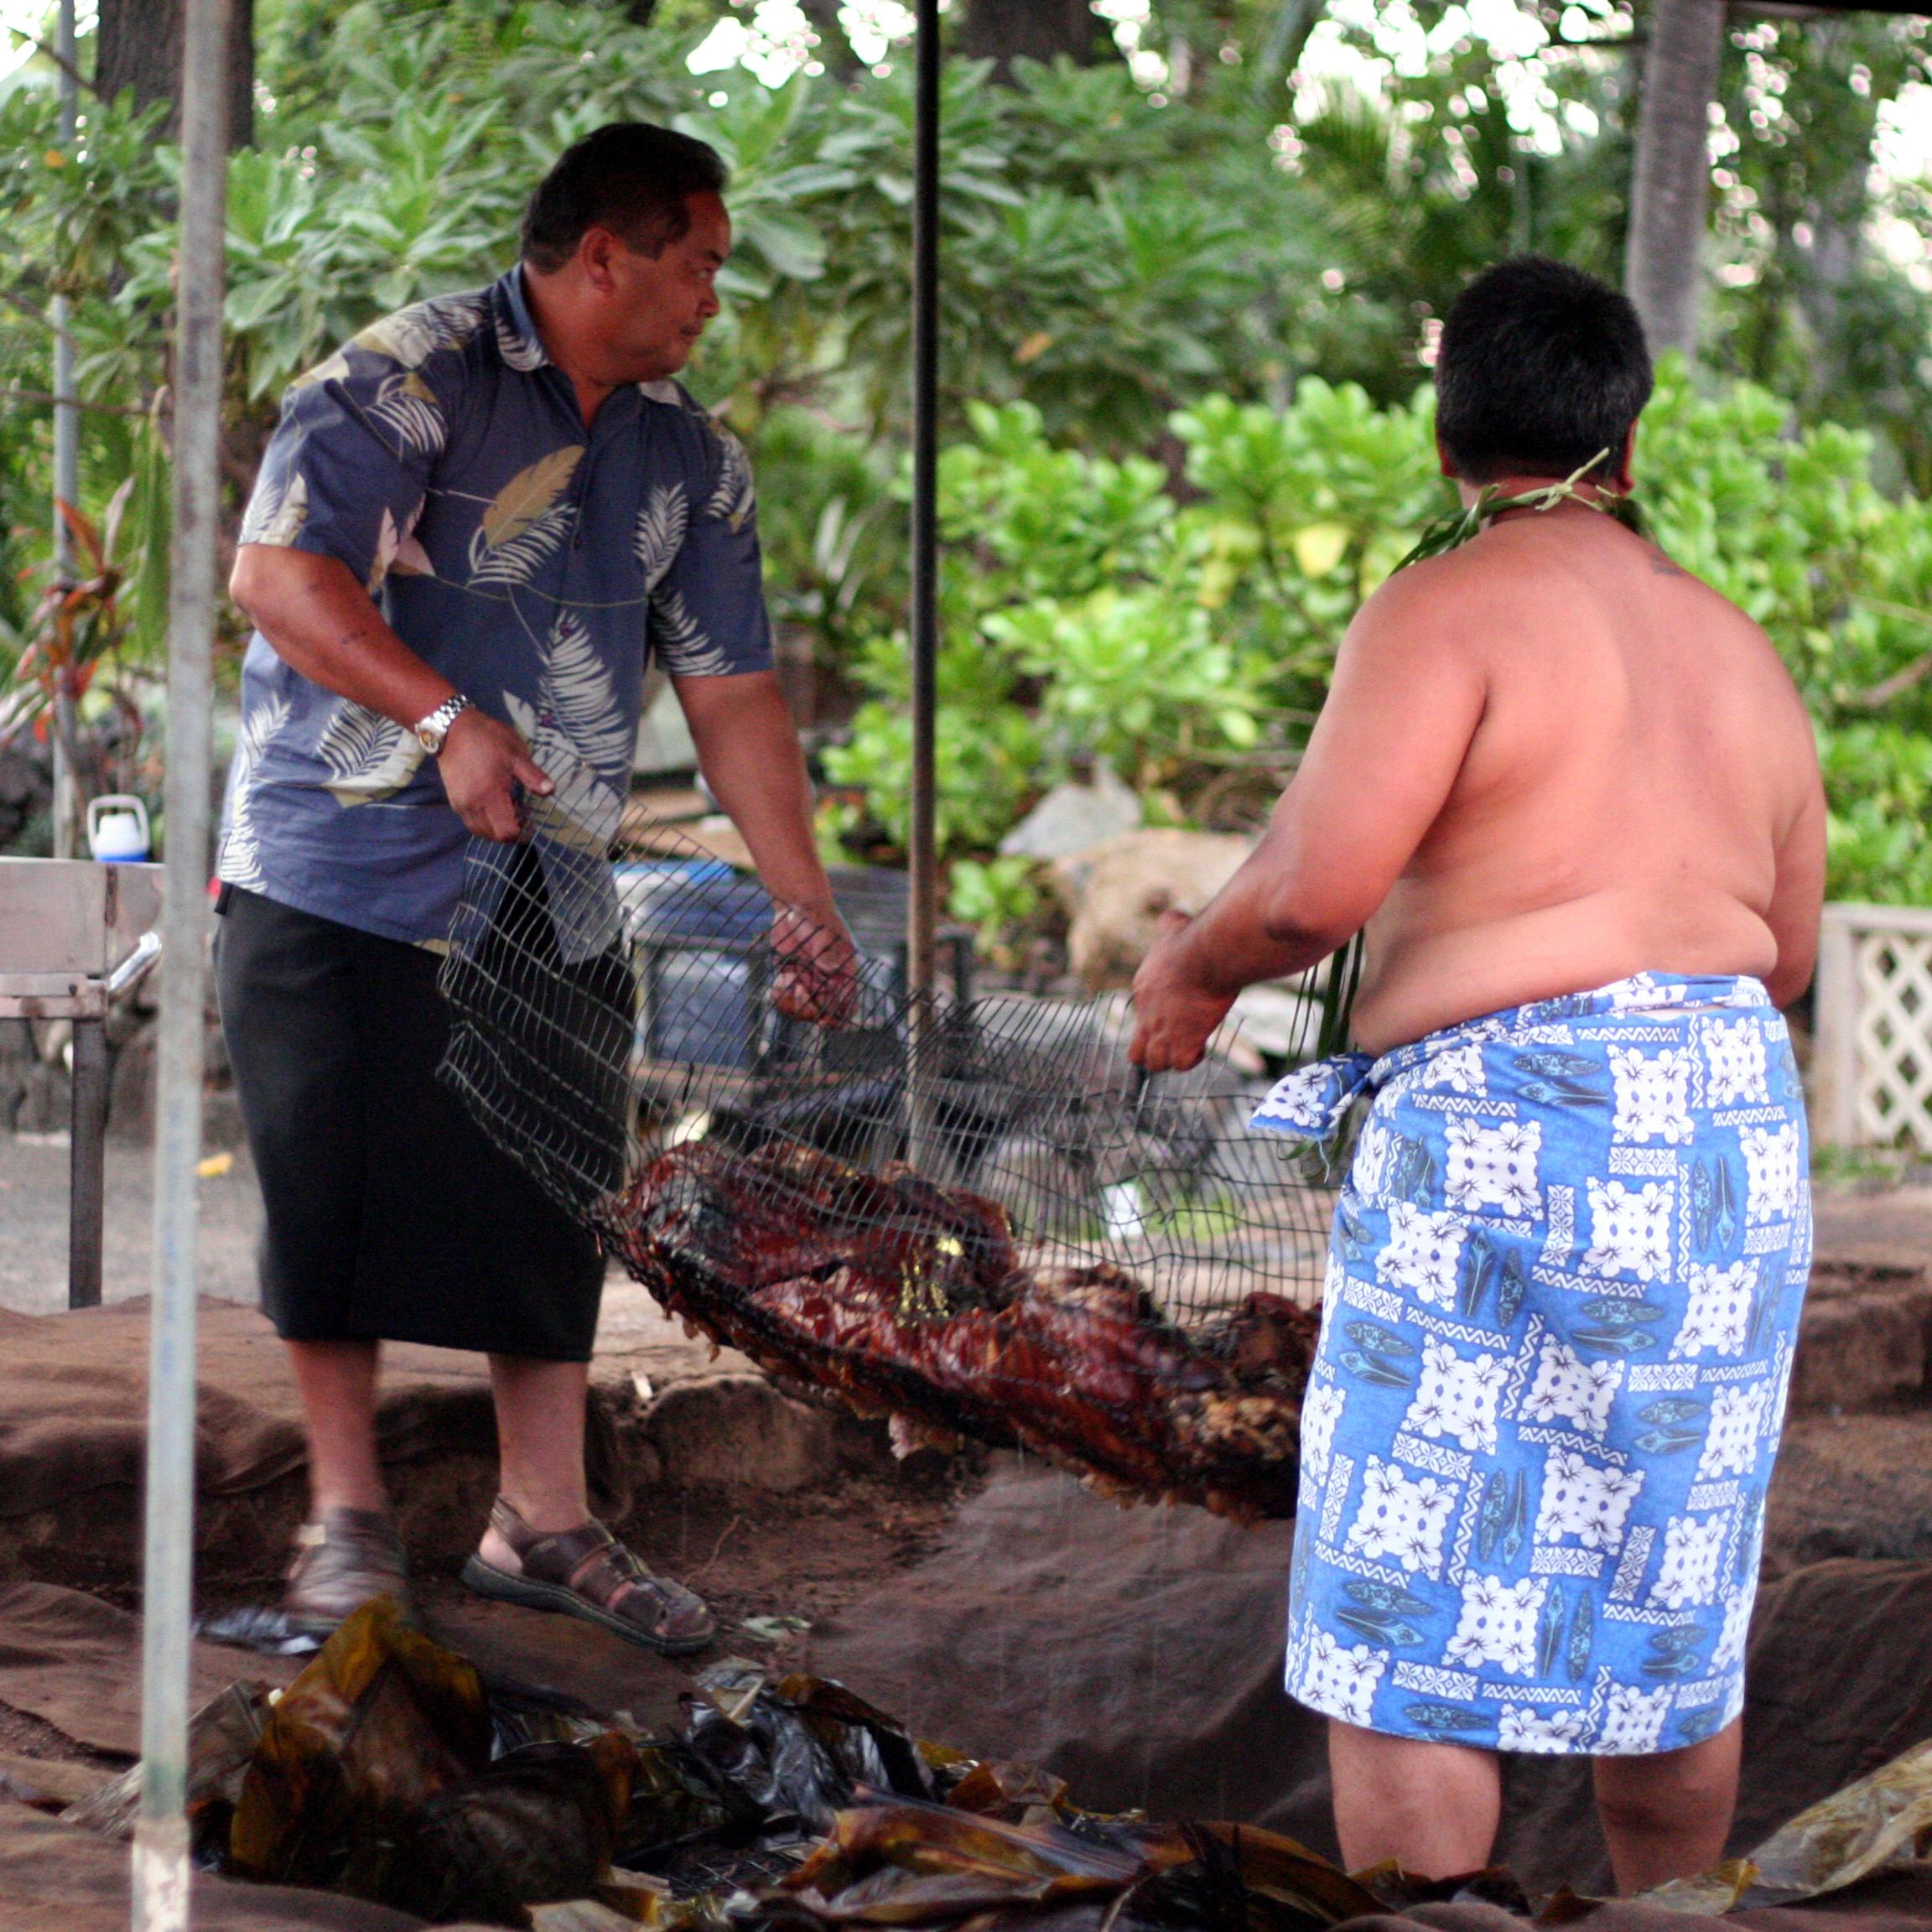 cf16ae2f2 Gastronomía de Hawái - Wikipedia, la enciclopedia libre